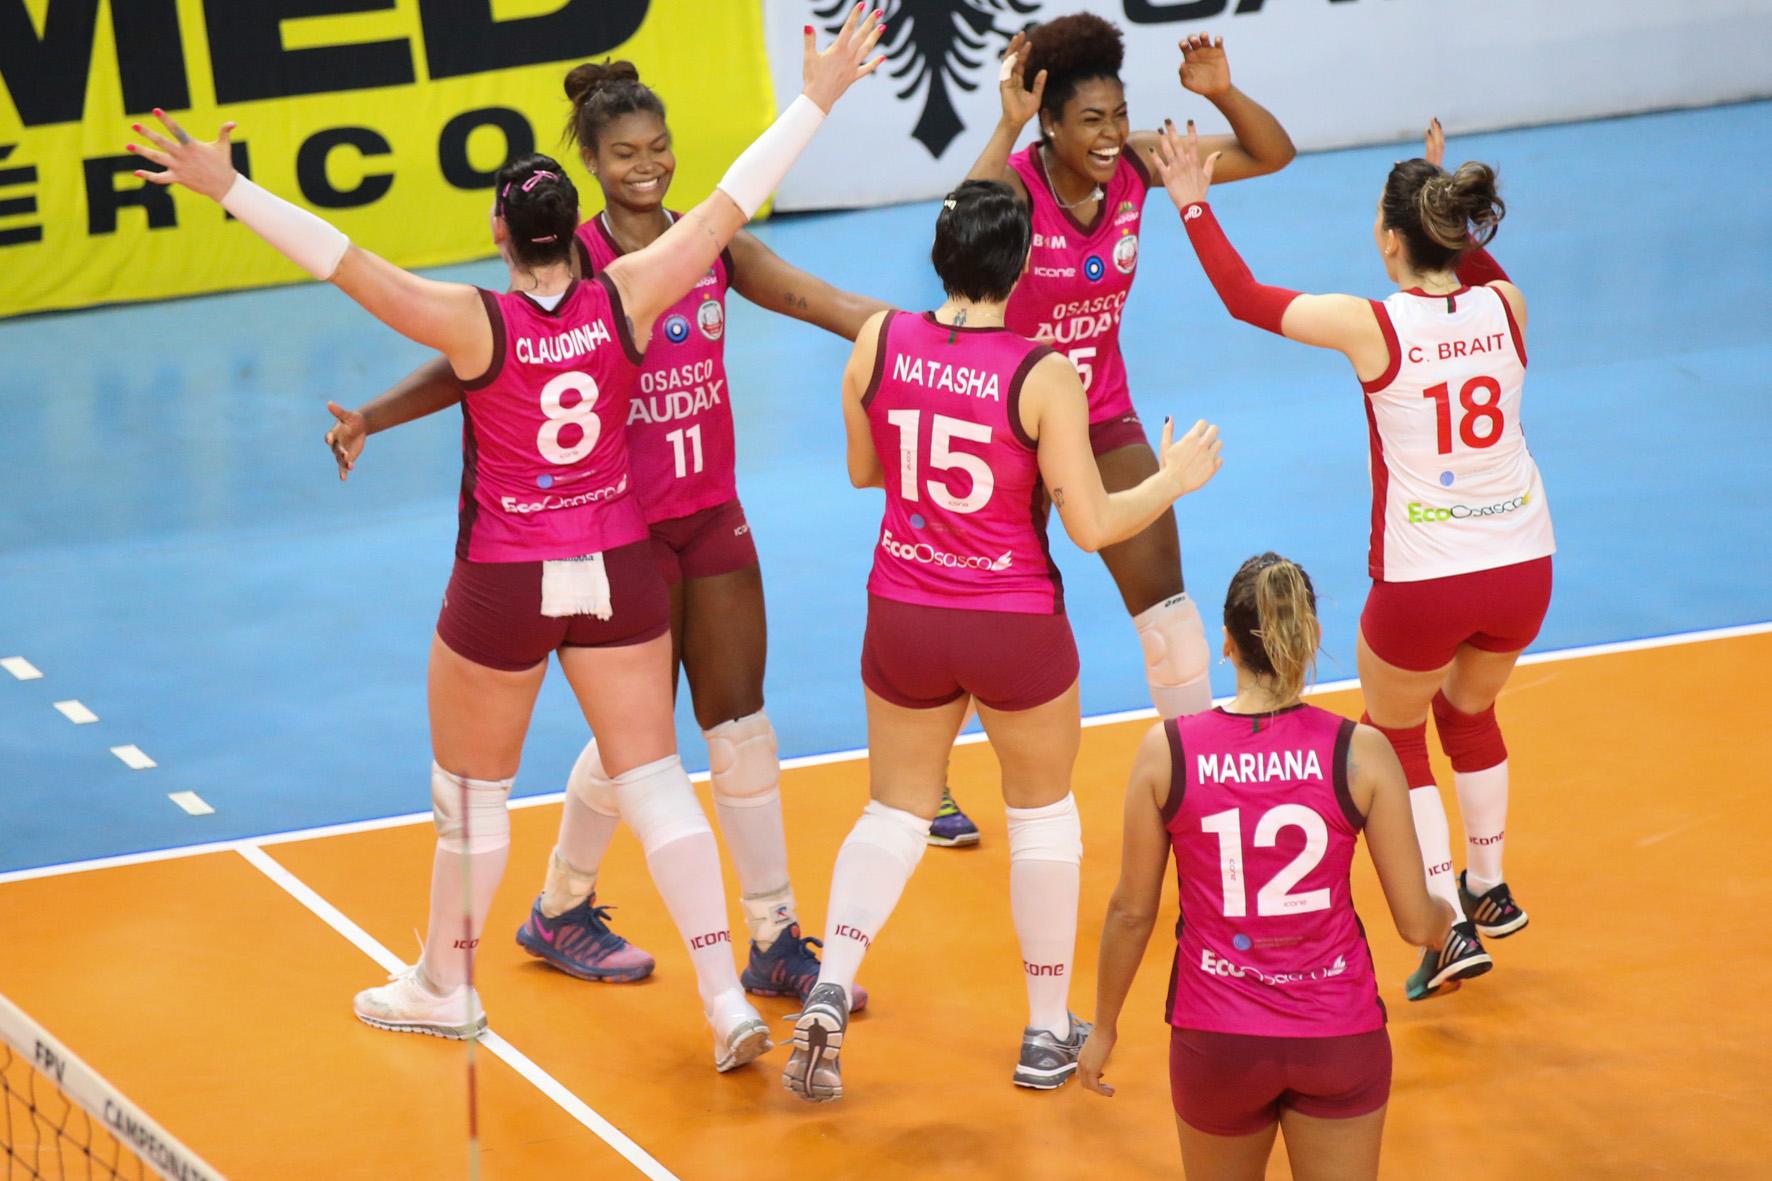 Vôlei Osasco-Audax inicia semifinal contra o Pinheiros nesta quarta-feira (30)